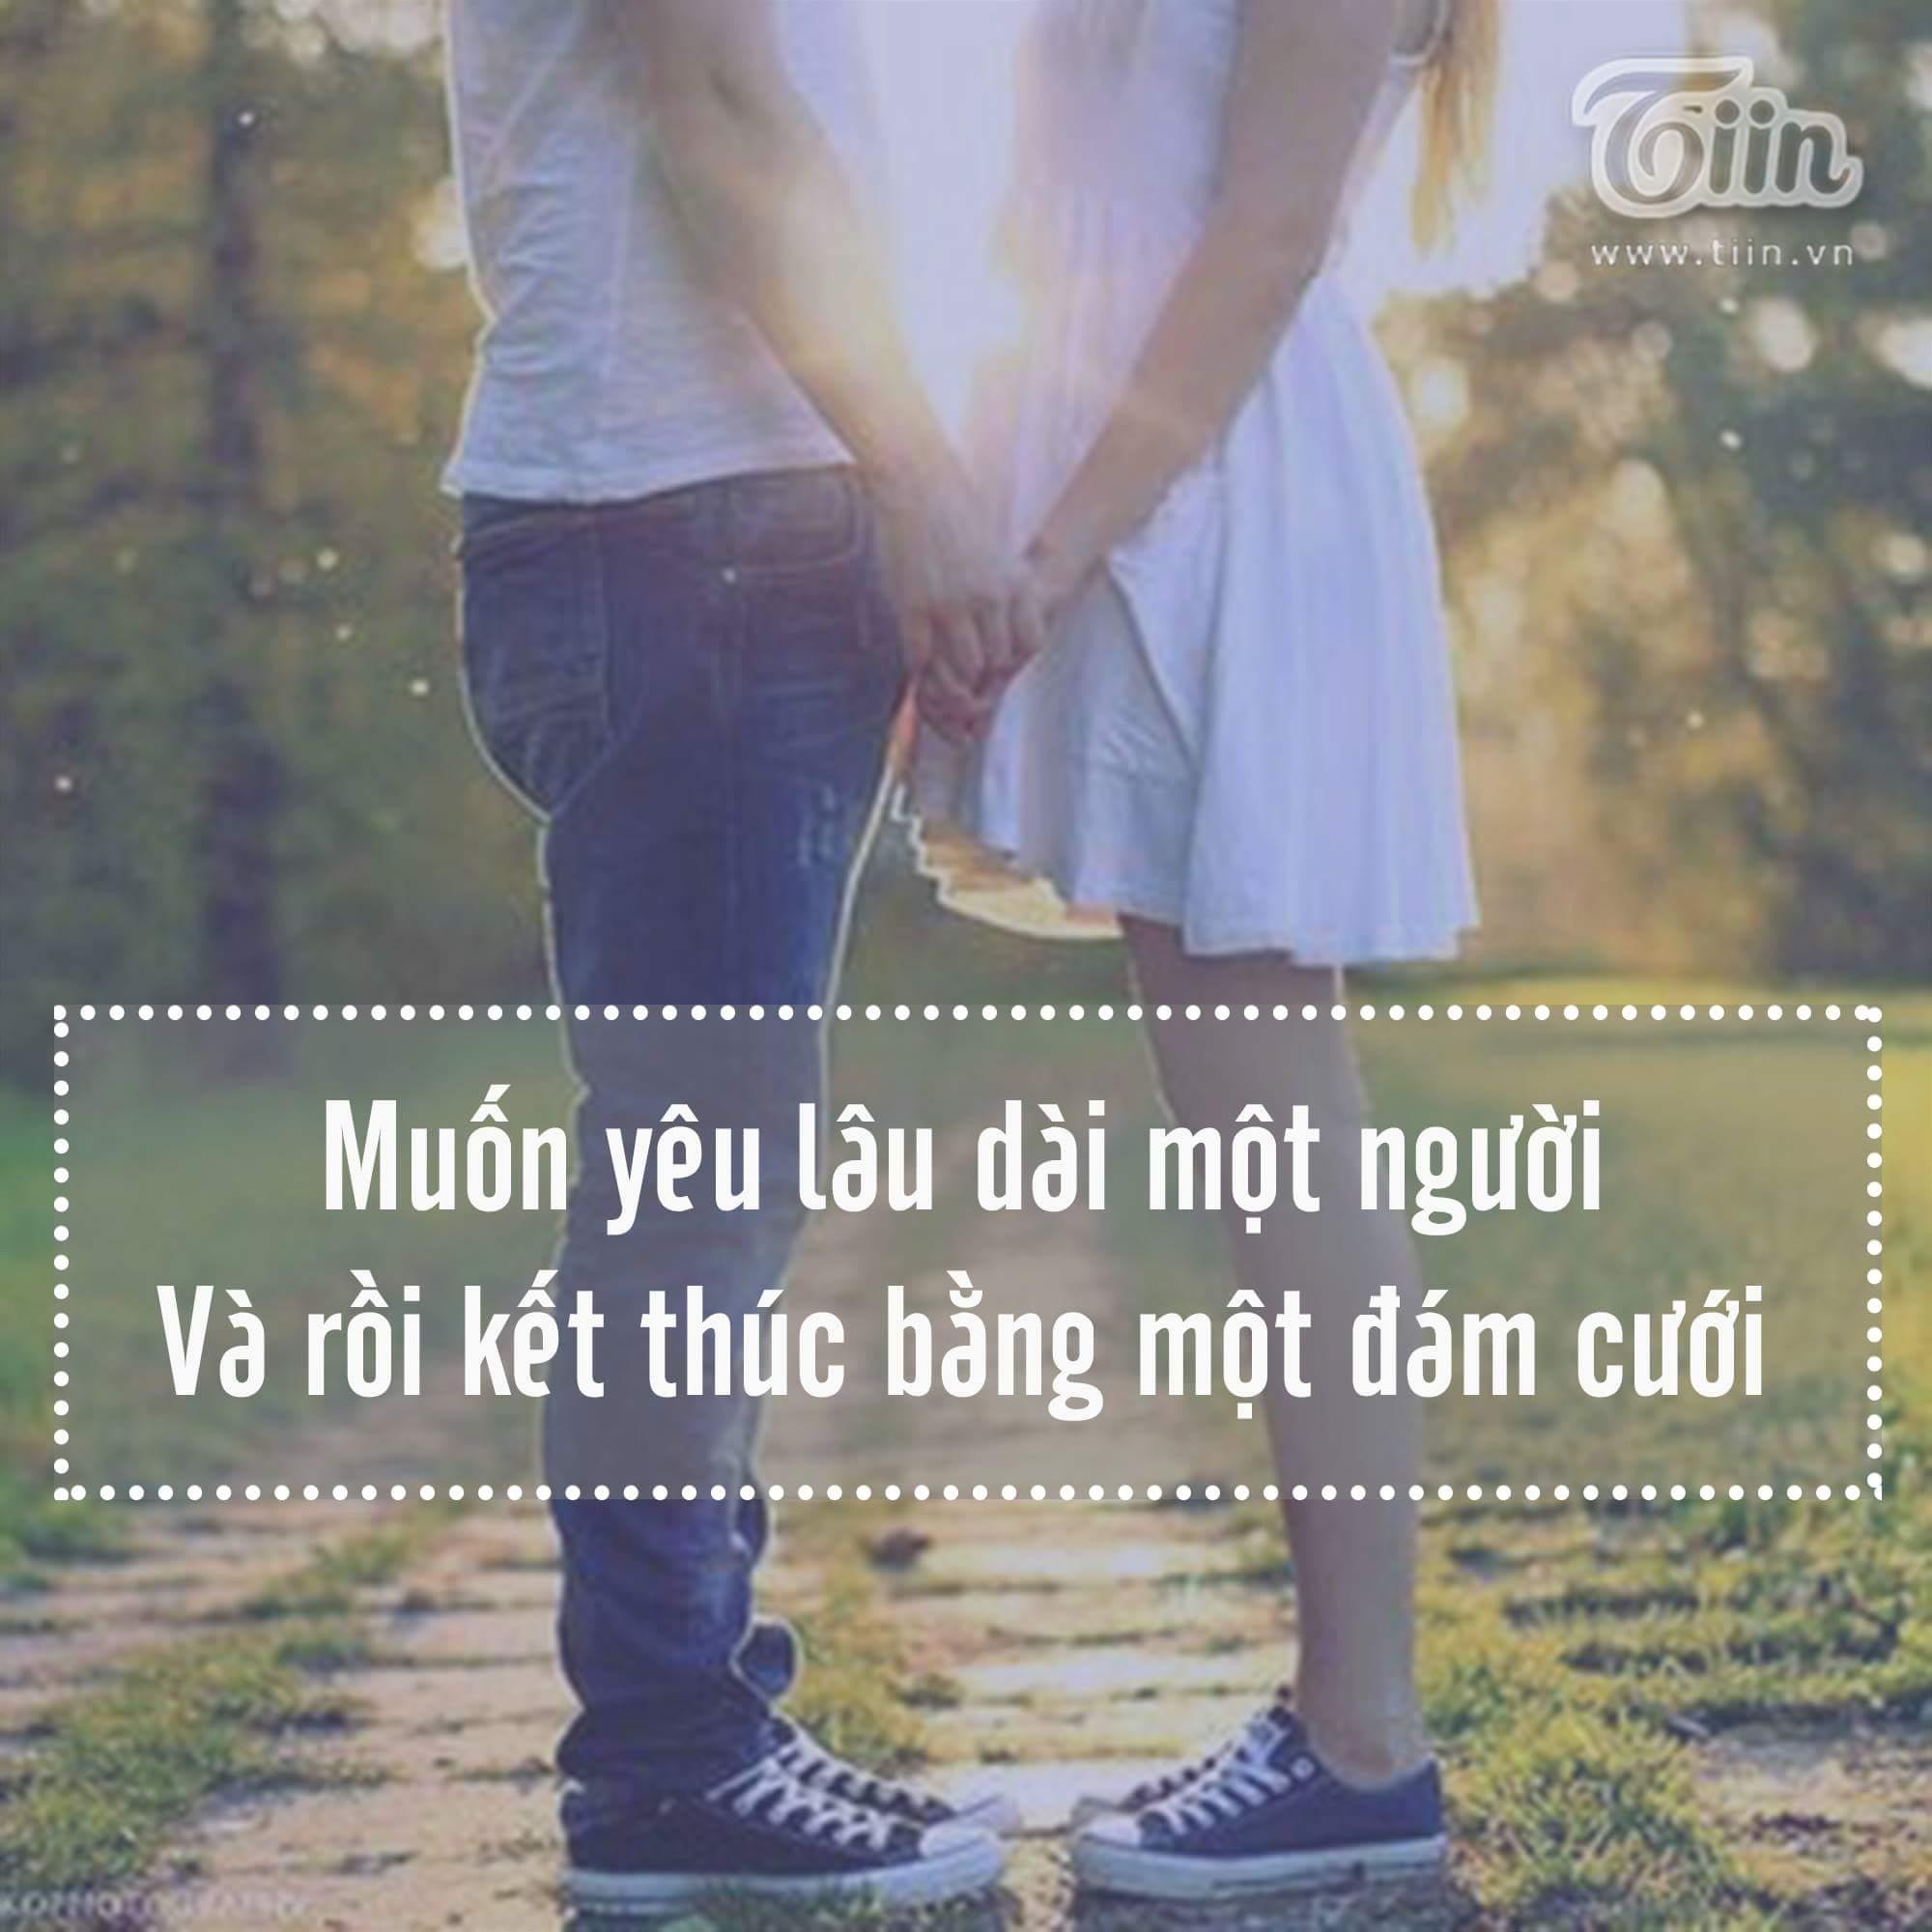 Muốn yêu 1 người như thế